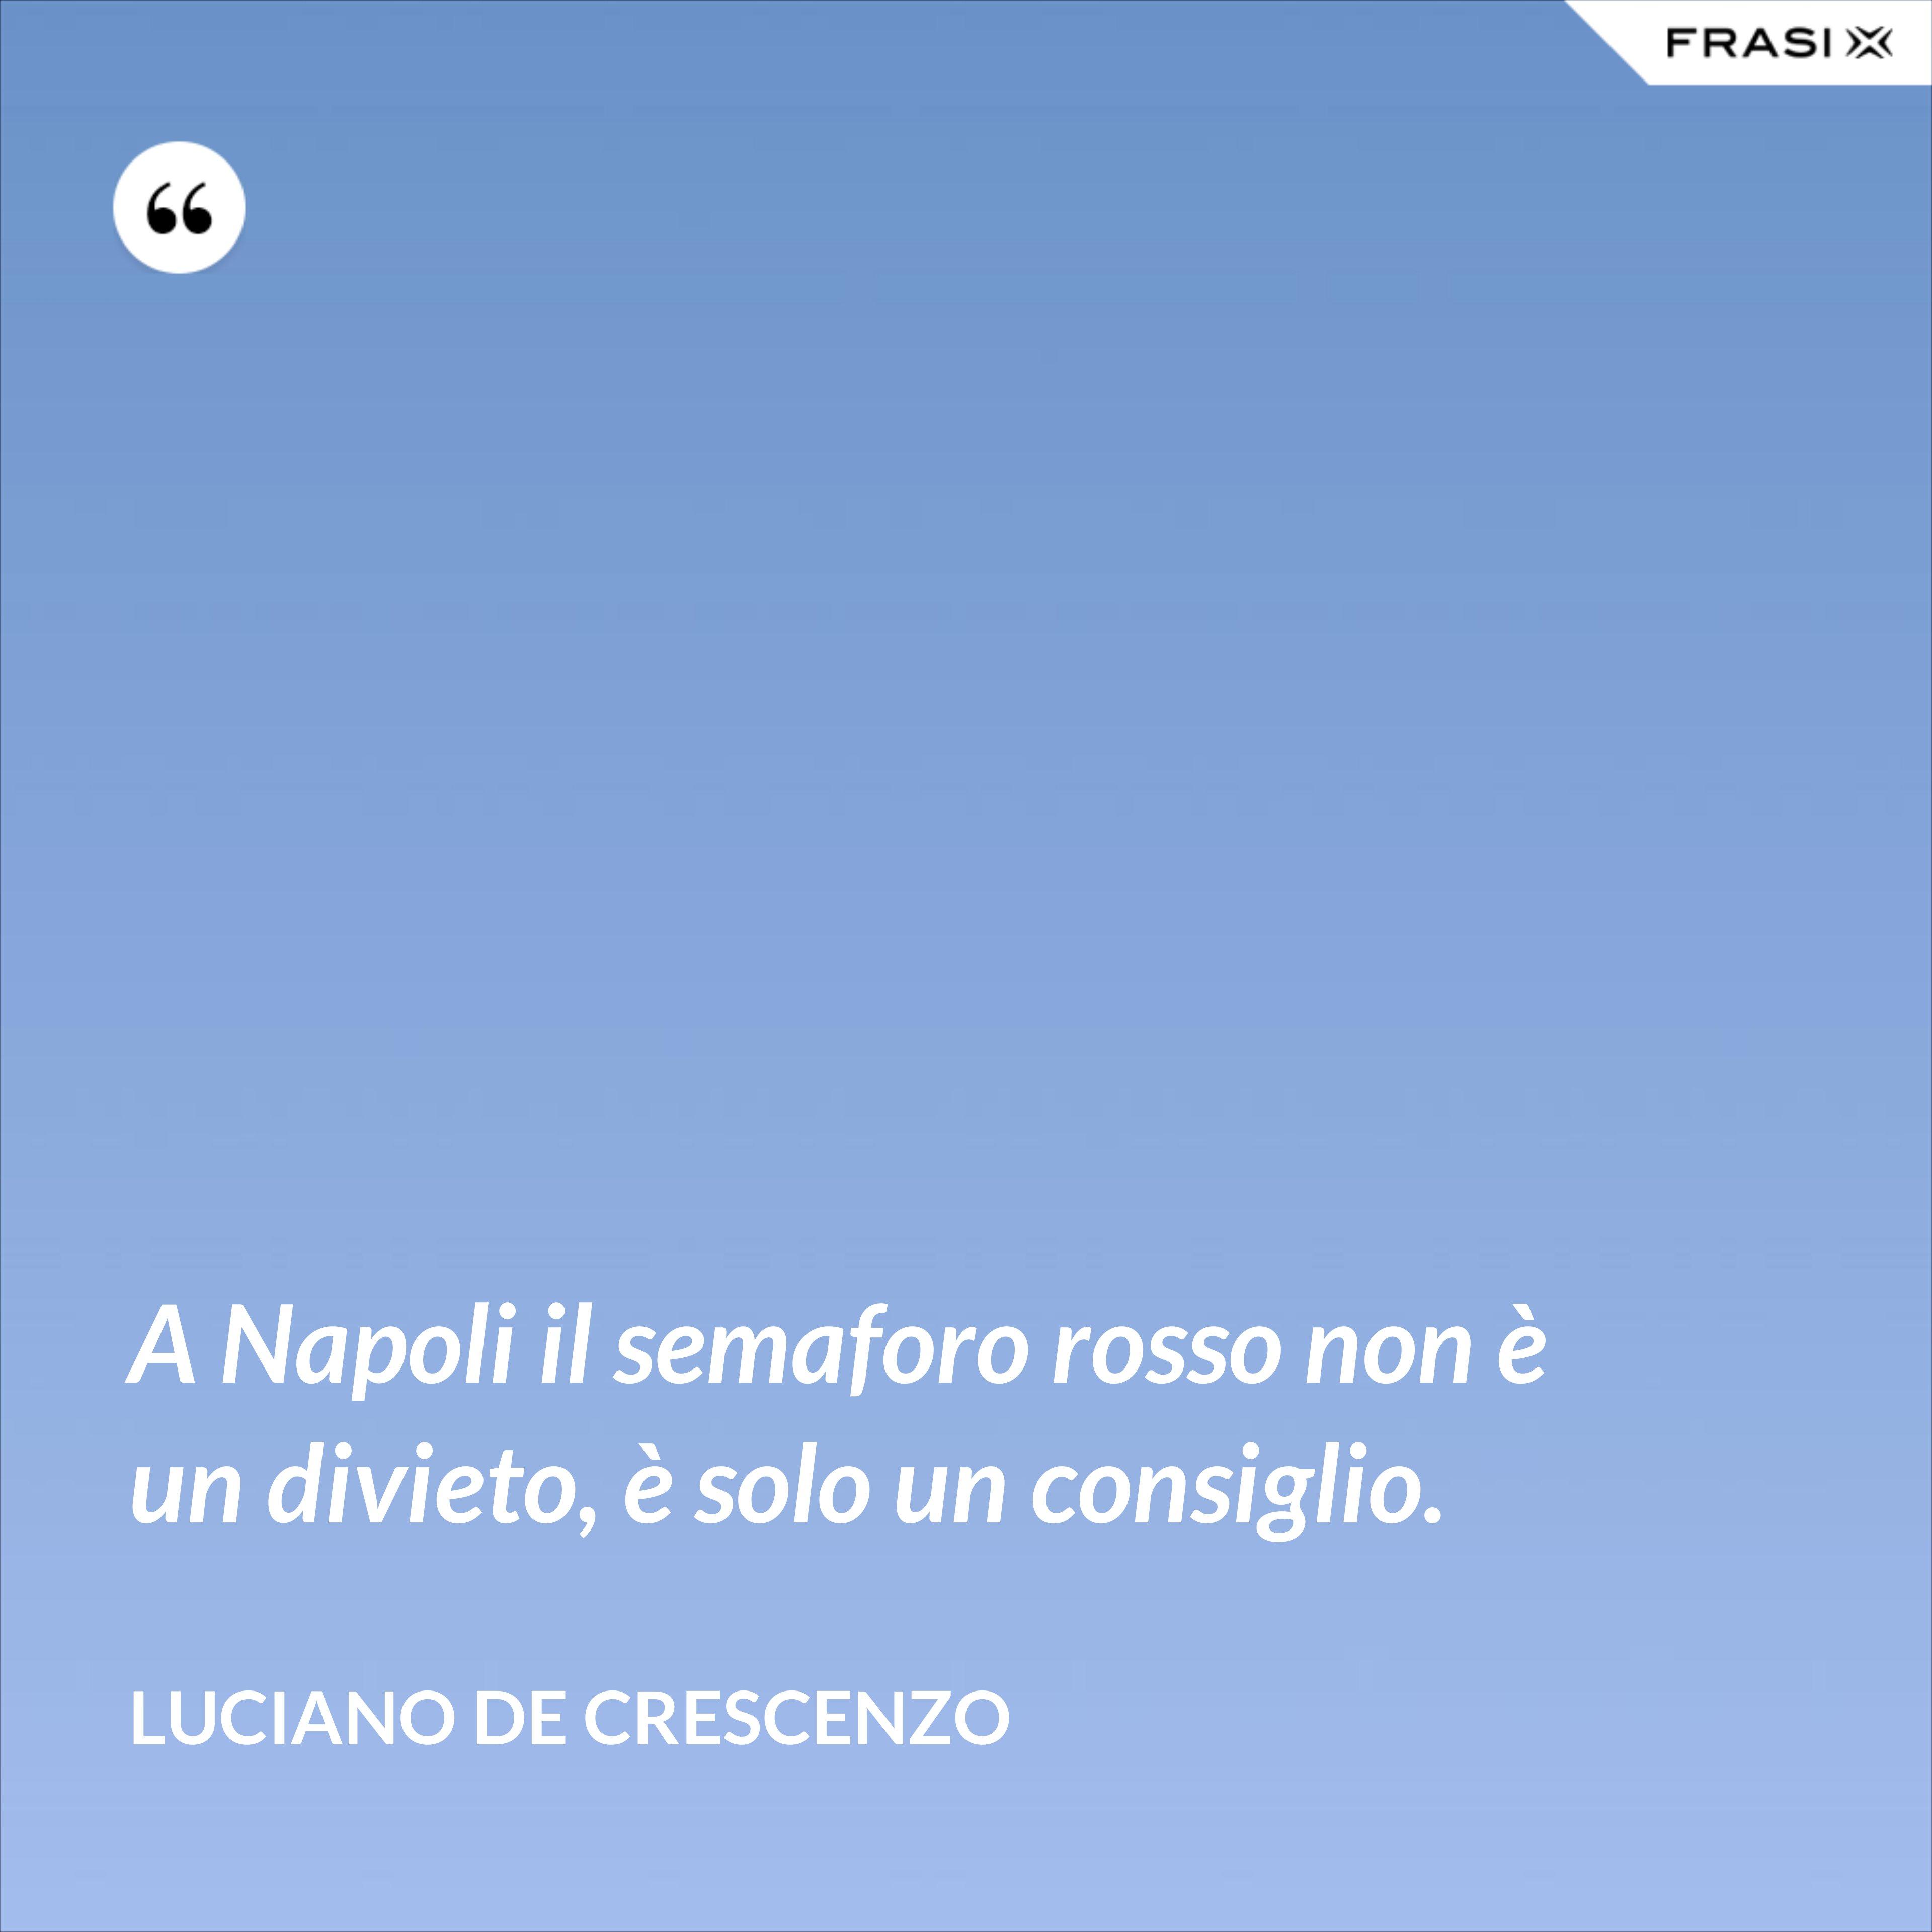 A Napoli il semaforo rosso non è un divieto, è solo un consiglio. - Luciano De Crescenzo